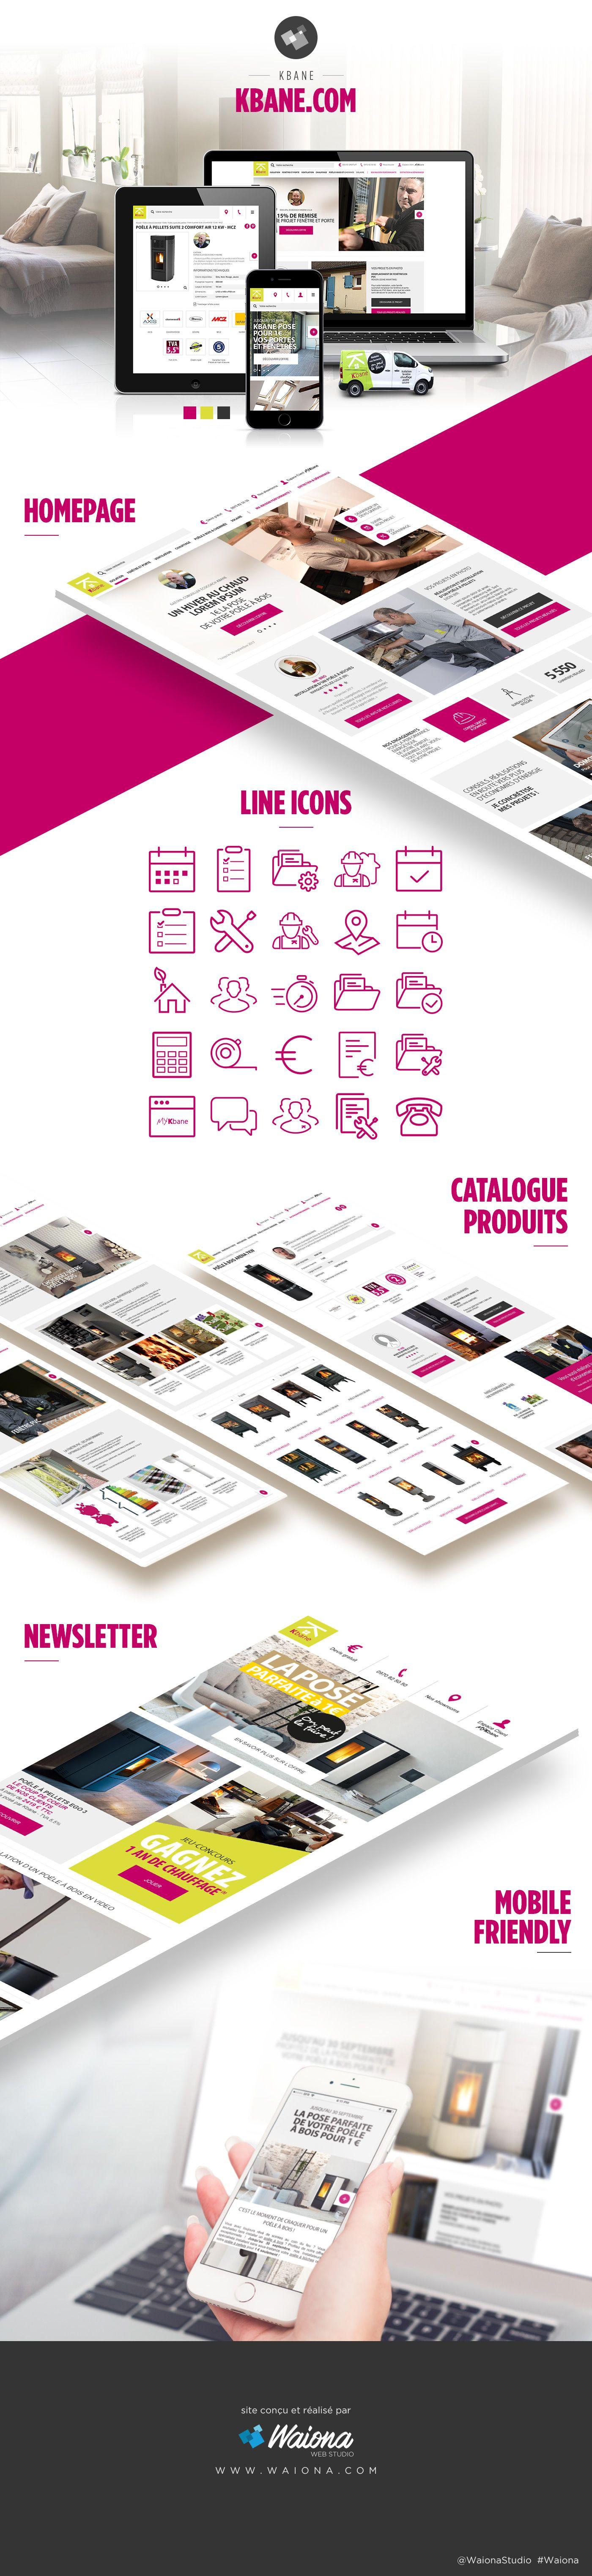 Kbane Com Avec Images Agence De Communication Creation Site Internet Produits